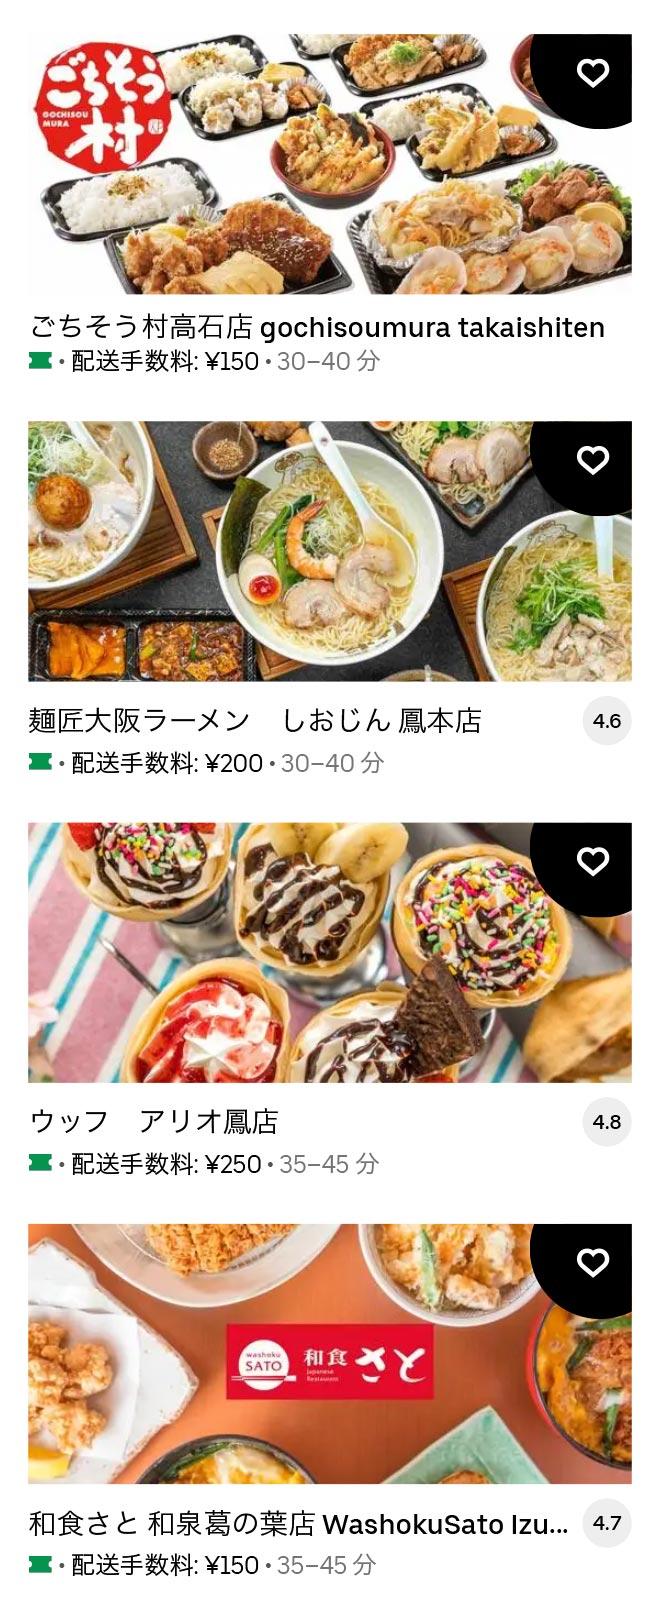 U takaishi 2105 07